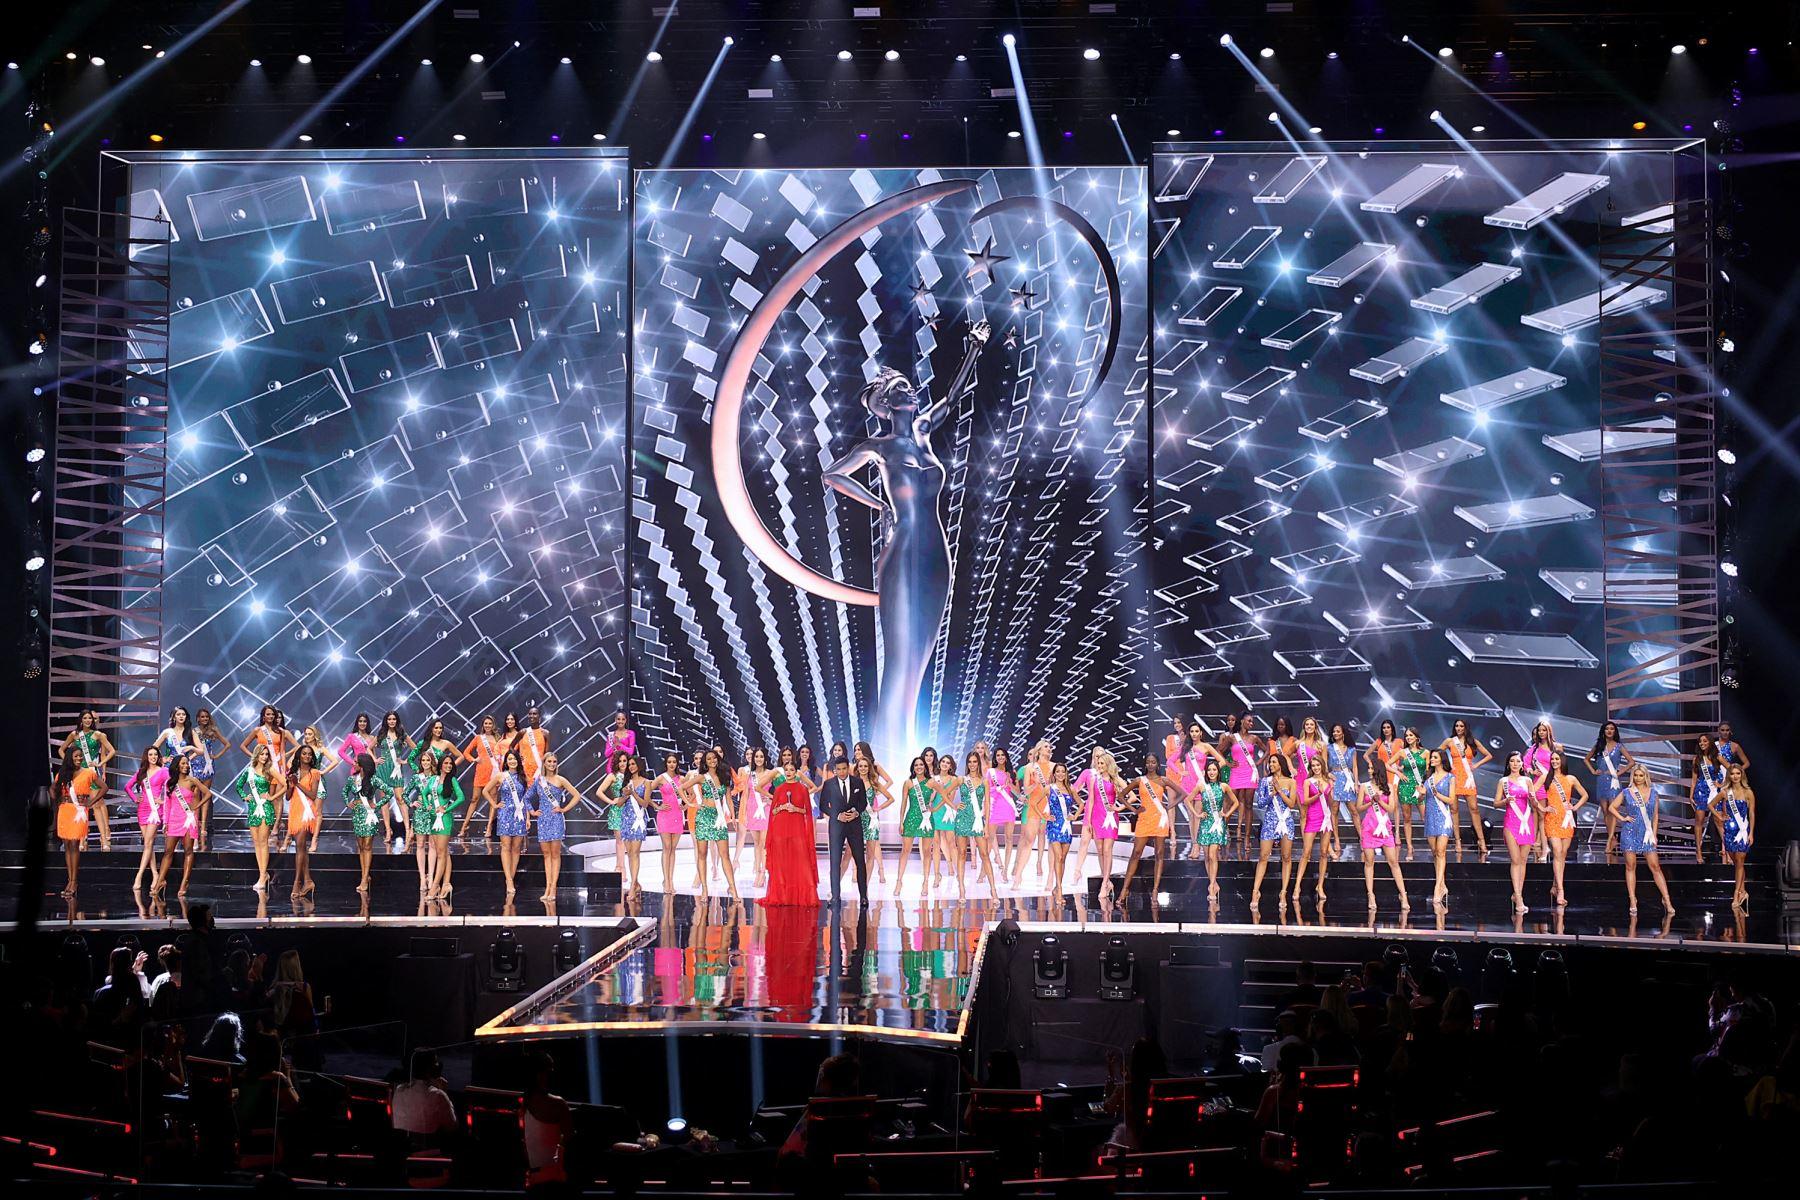 Olivia Culpo y Mario Lopez hablan en el escenario del concurso Miss Universe 2021 en el Seminole Hard Rock Hotel & Casino el 16 de mayo de 2021 en Hollywood, Florida. Foto: AFP